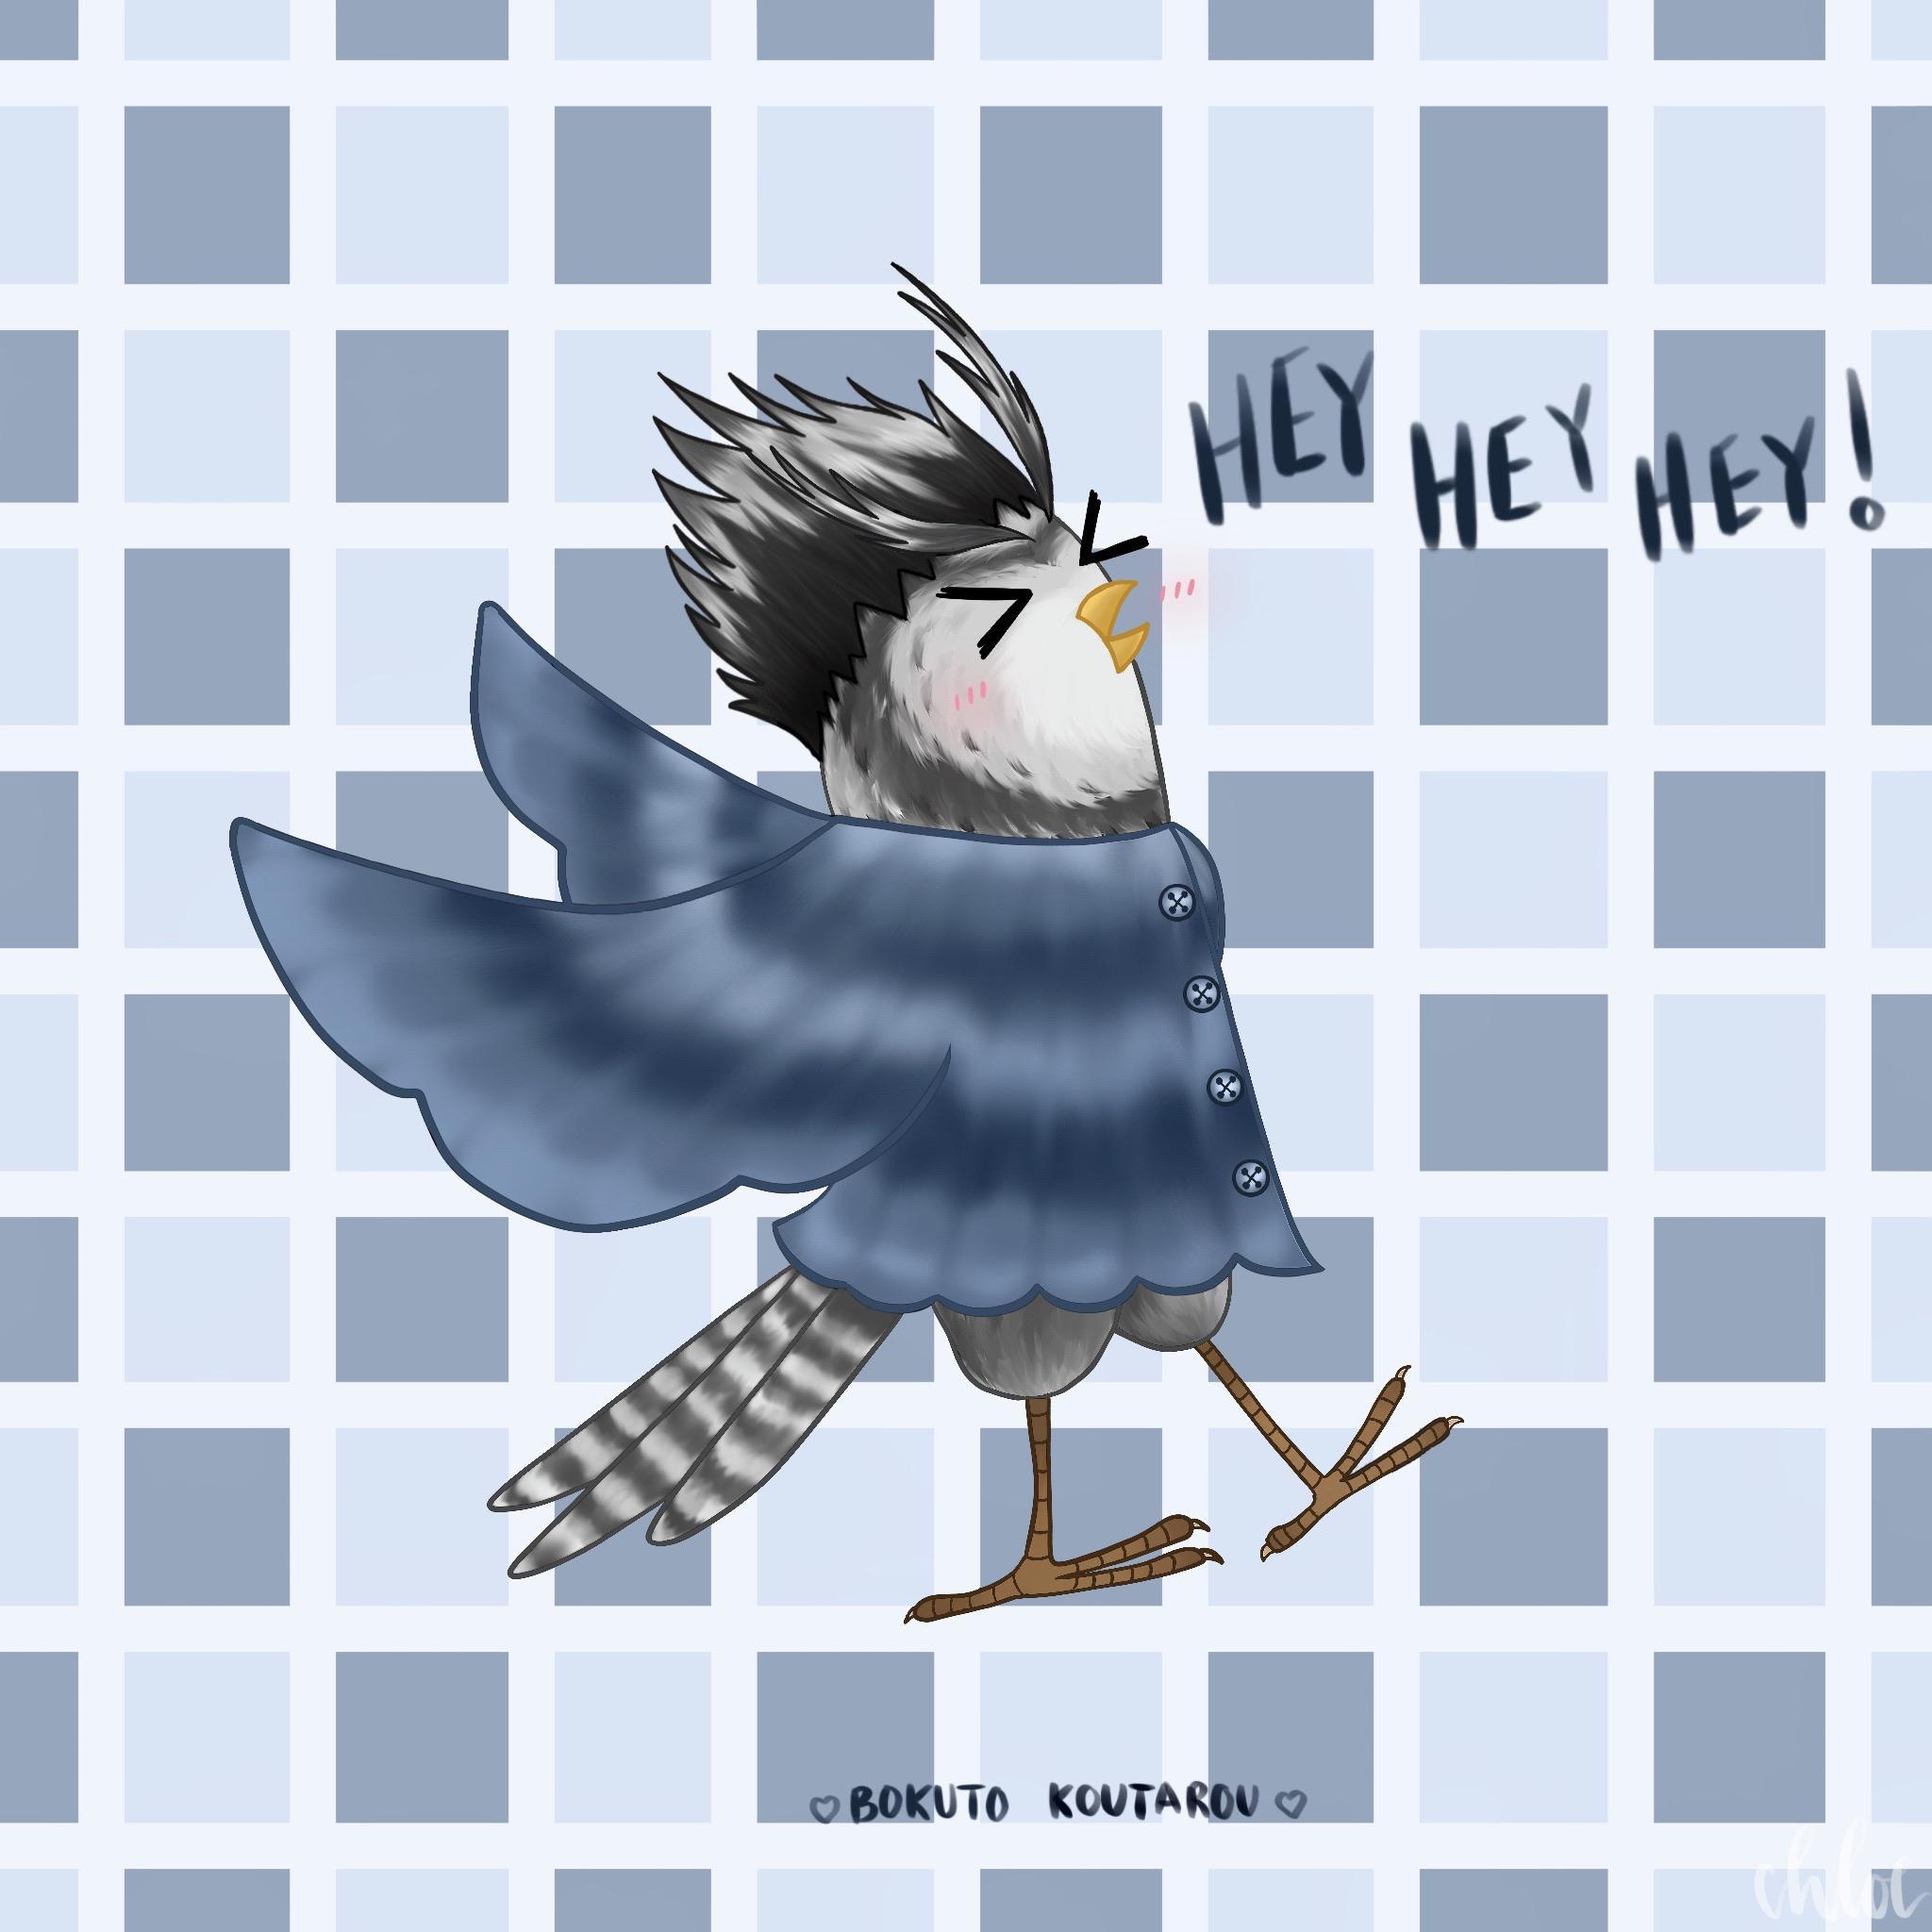 hey hey hey bokuto owl drawn by me